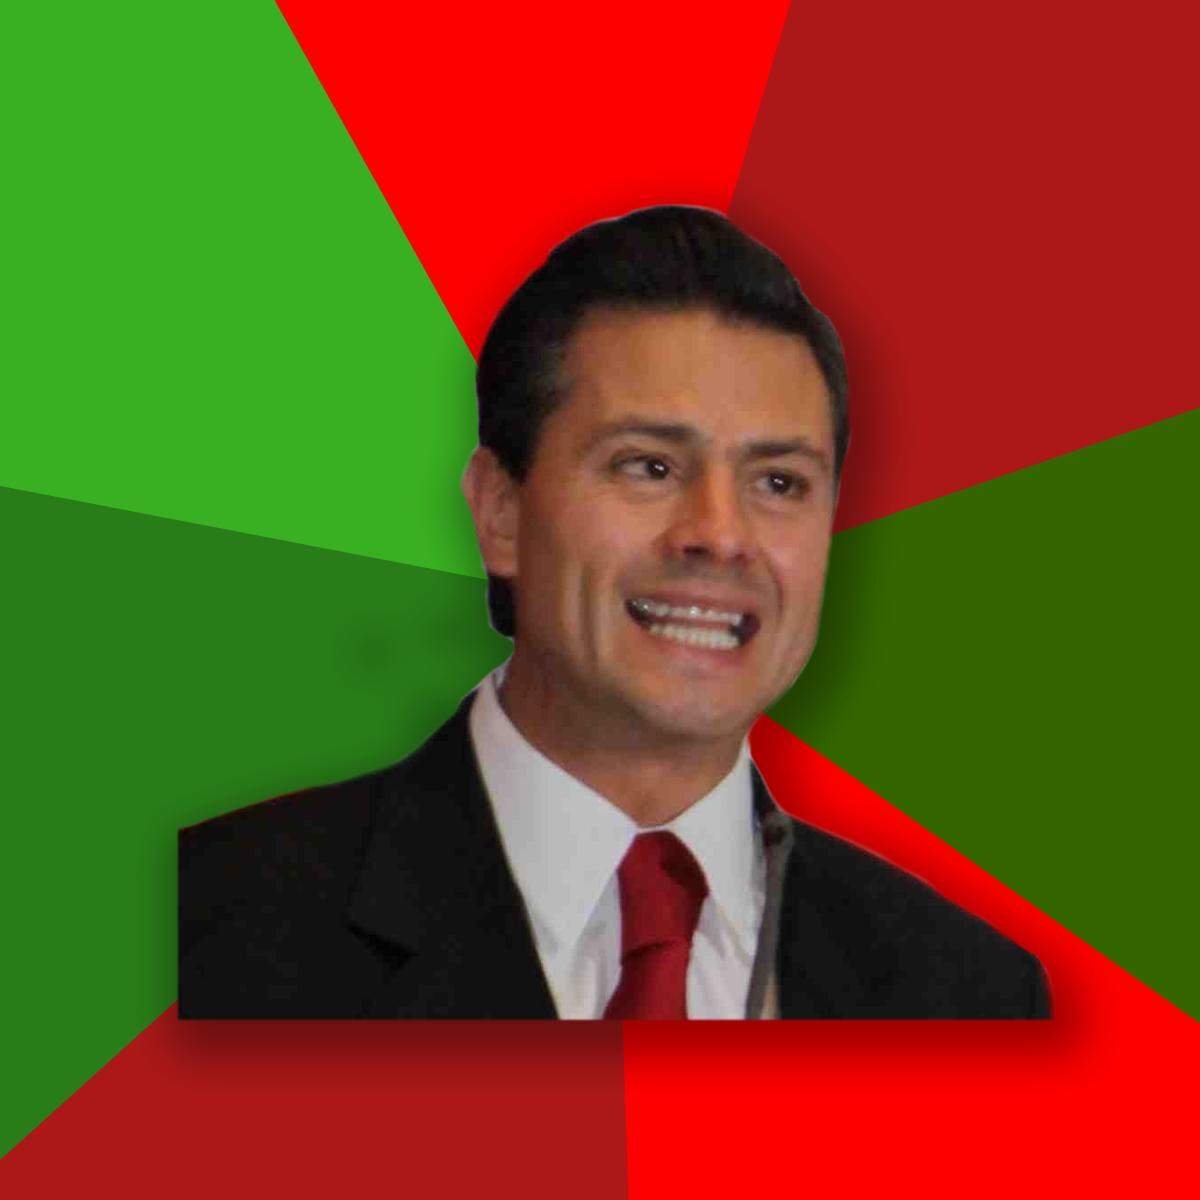 Ninel conde para vicepresidenta | Enrique Meme Nieto